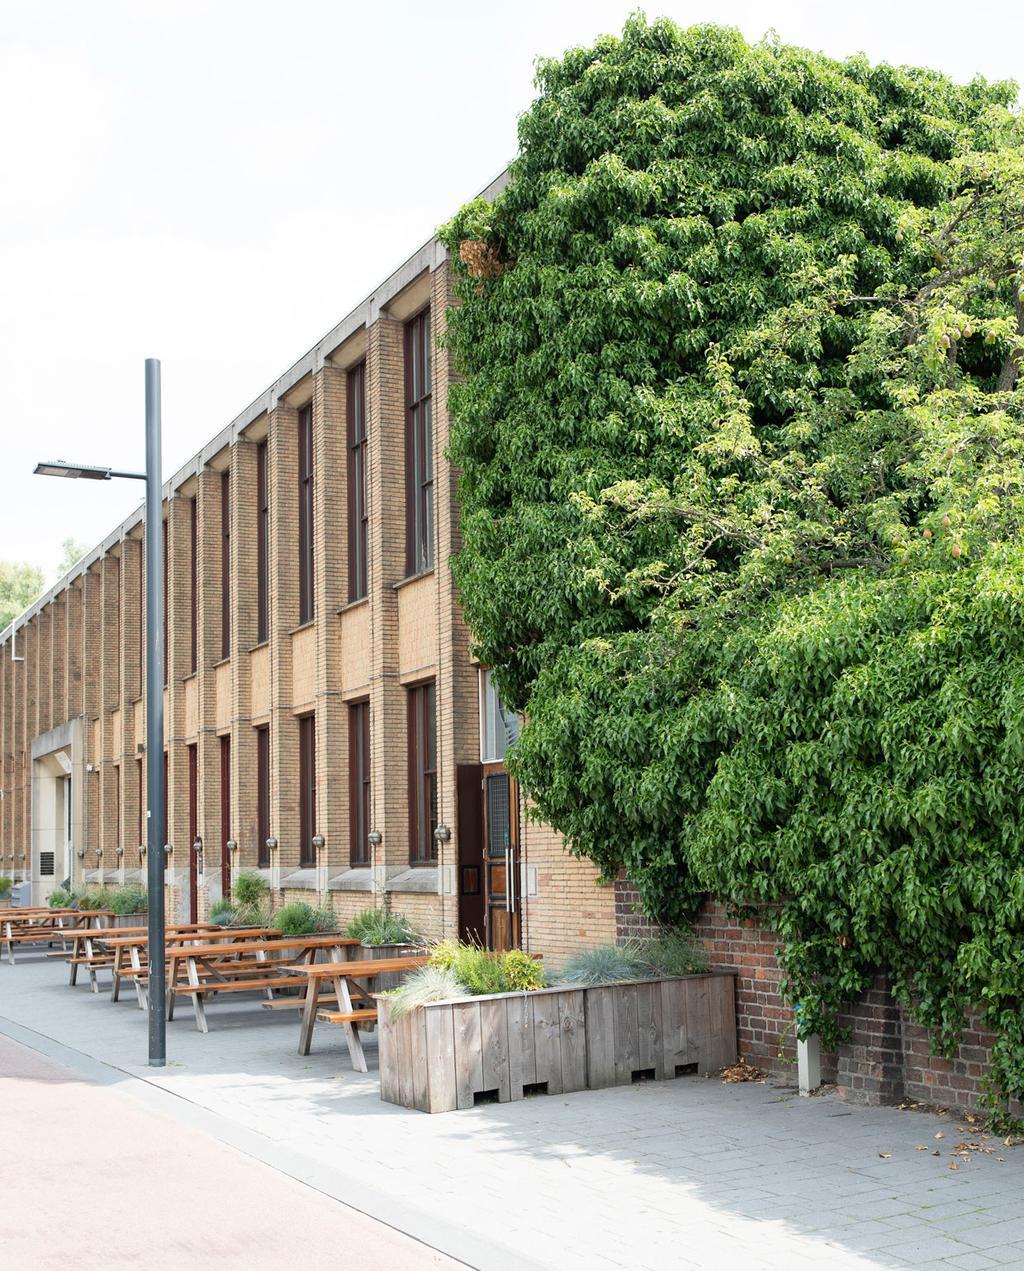 Dutch Design Week 2019 | vtwonen blog StudentDesign | Maartje Diepstraten by Barts Boekje